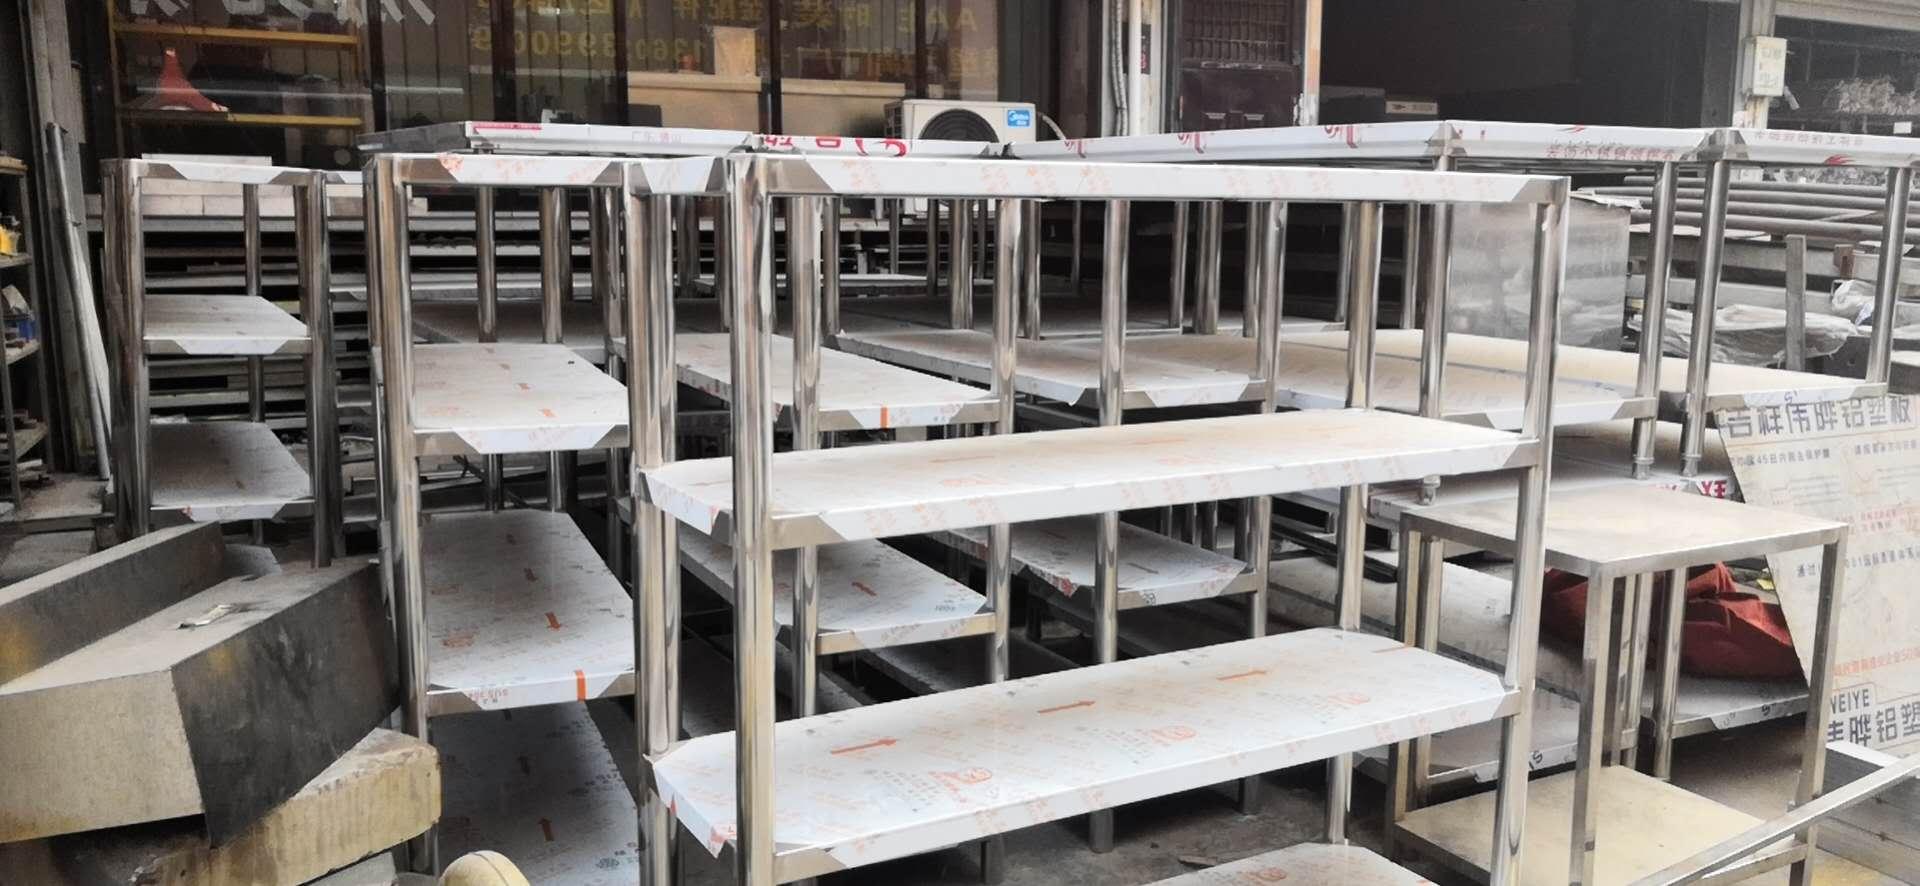 南京不锈钢货架厂家-浙江不锈钢货架-安徽不锈钢货架